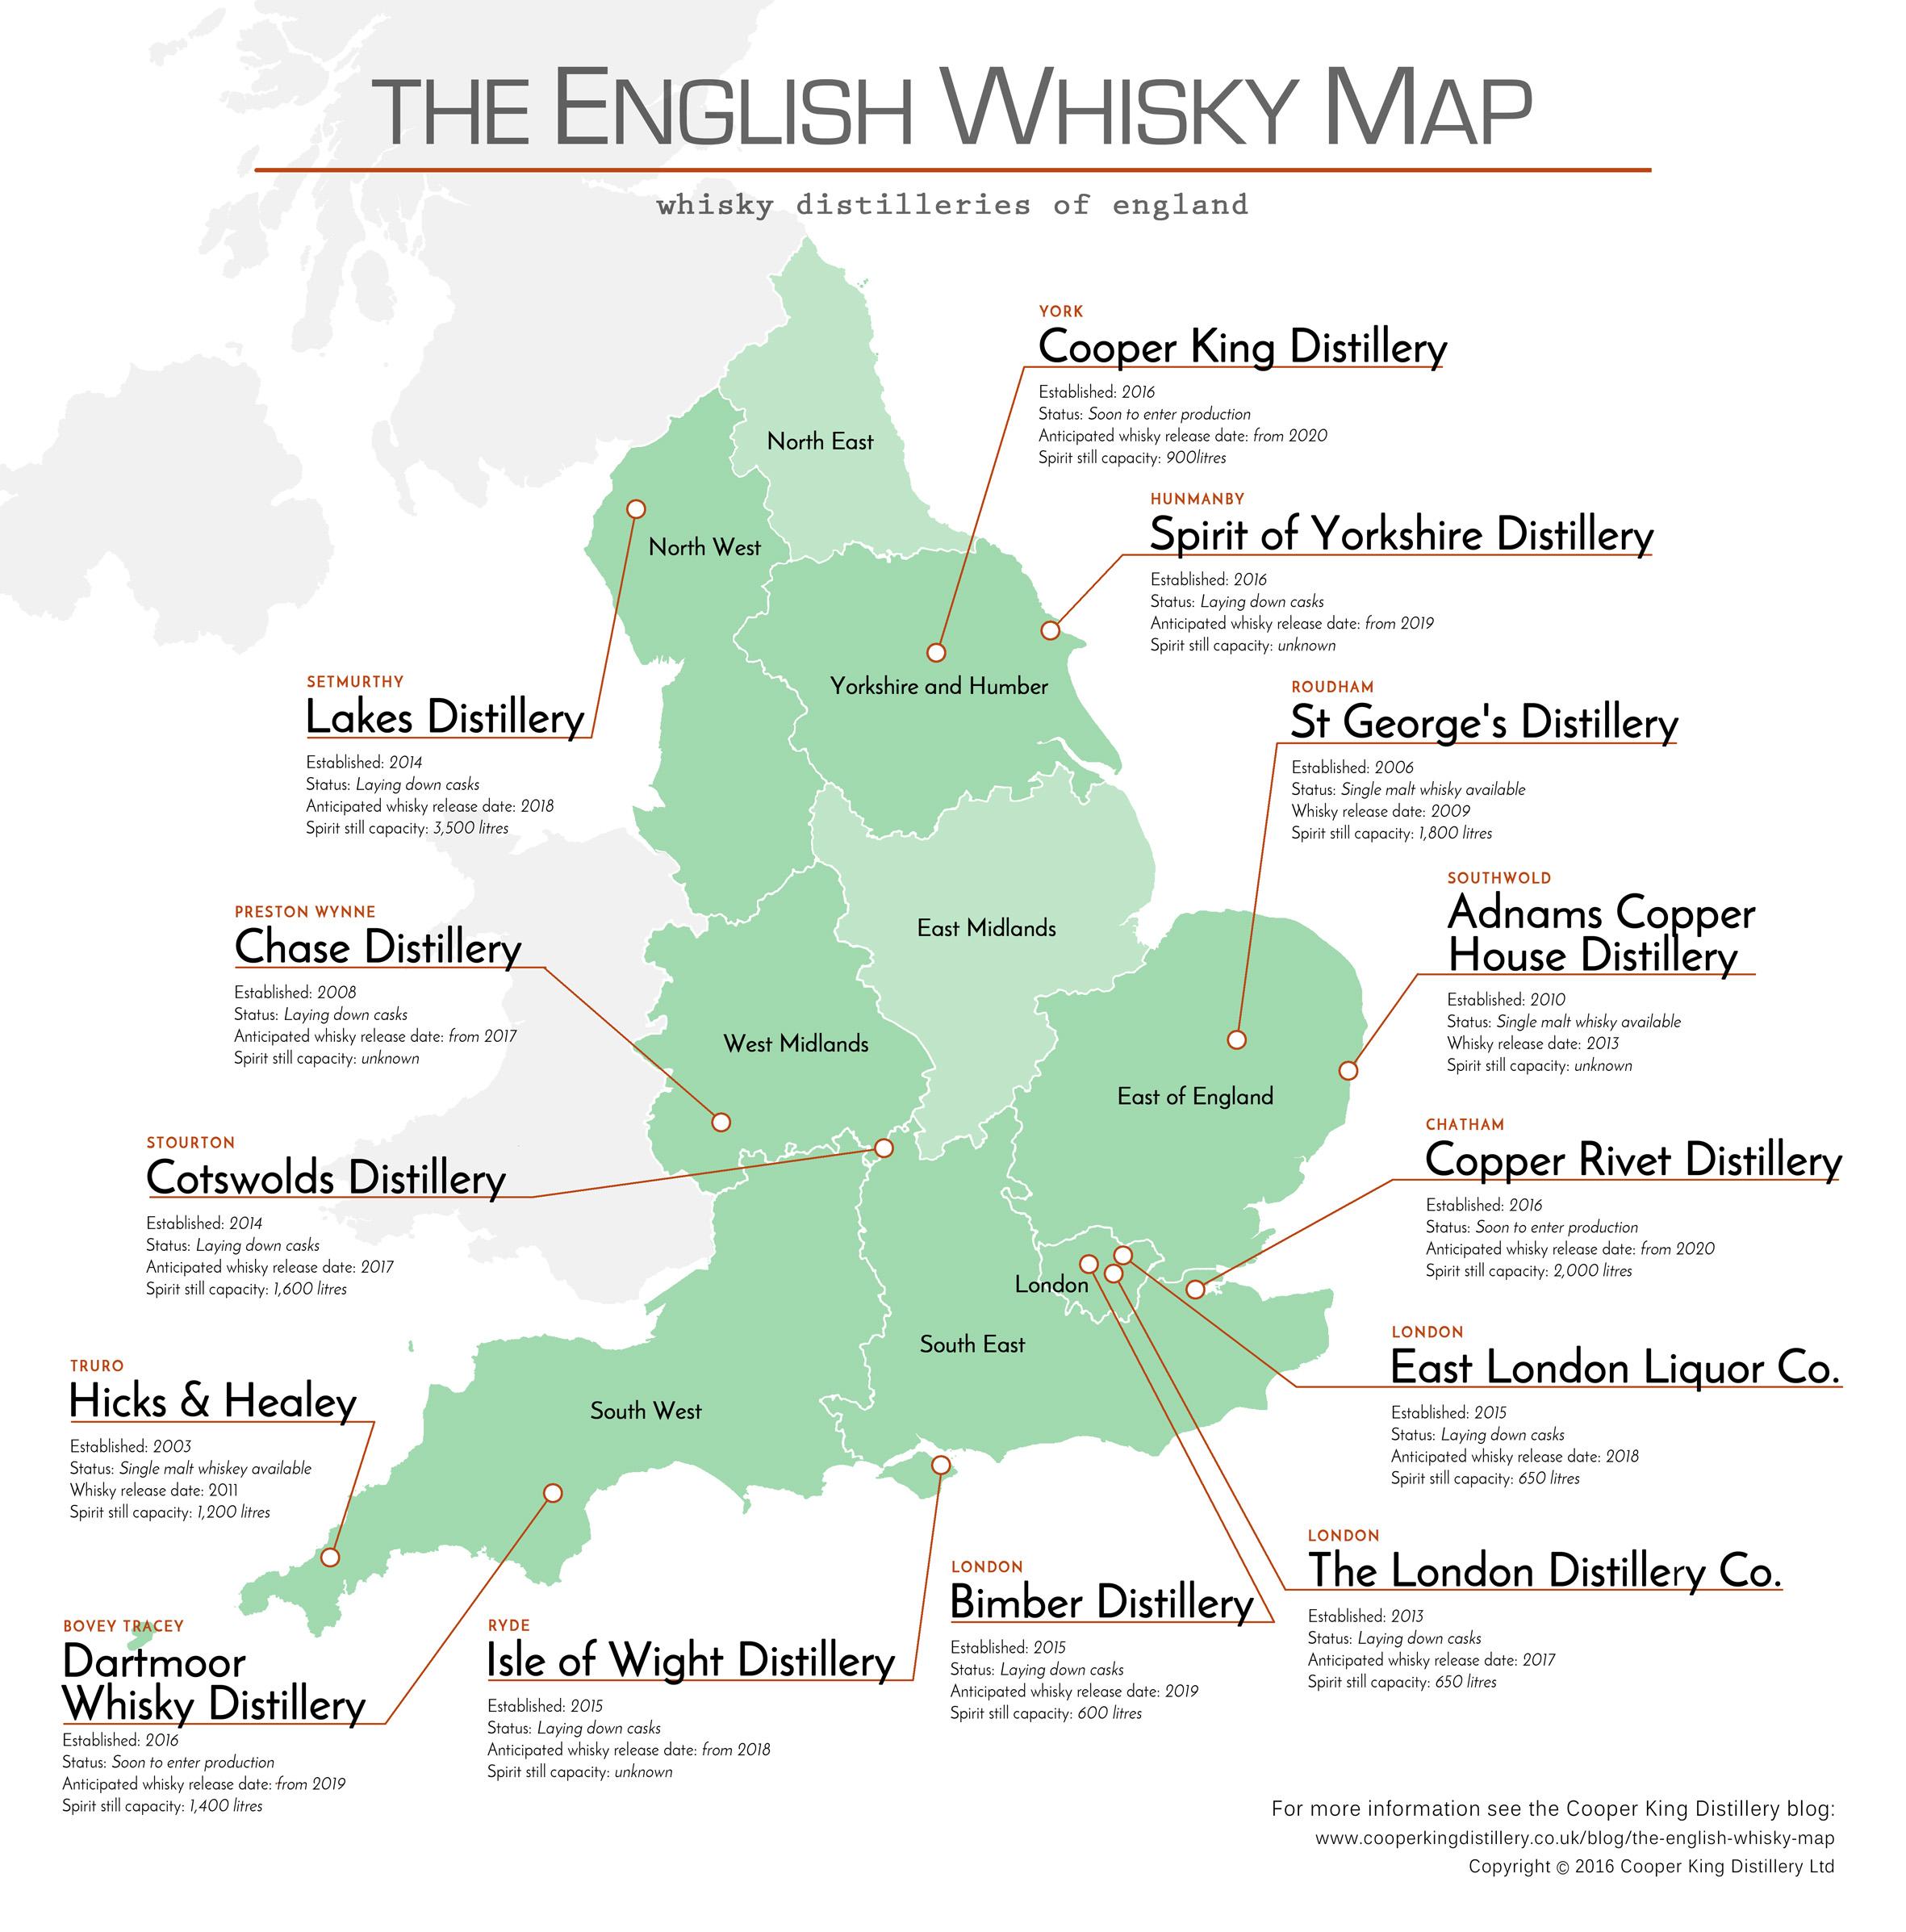 Schottland Karte Whisky.Whisky Im Bild Karte Der Englischen Whiskydestillerien Whiskyexperts